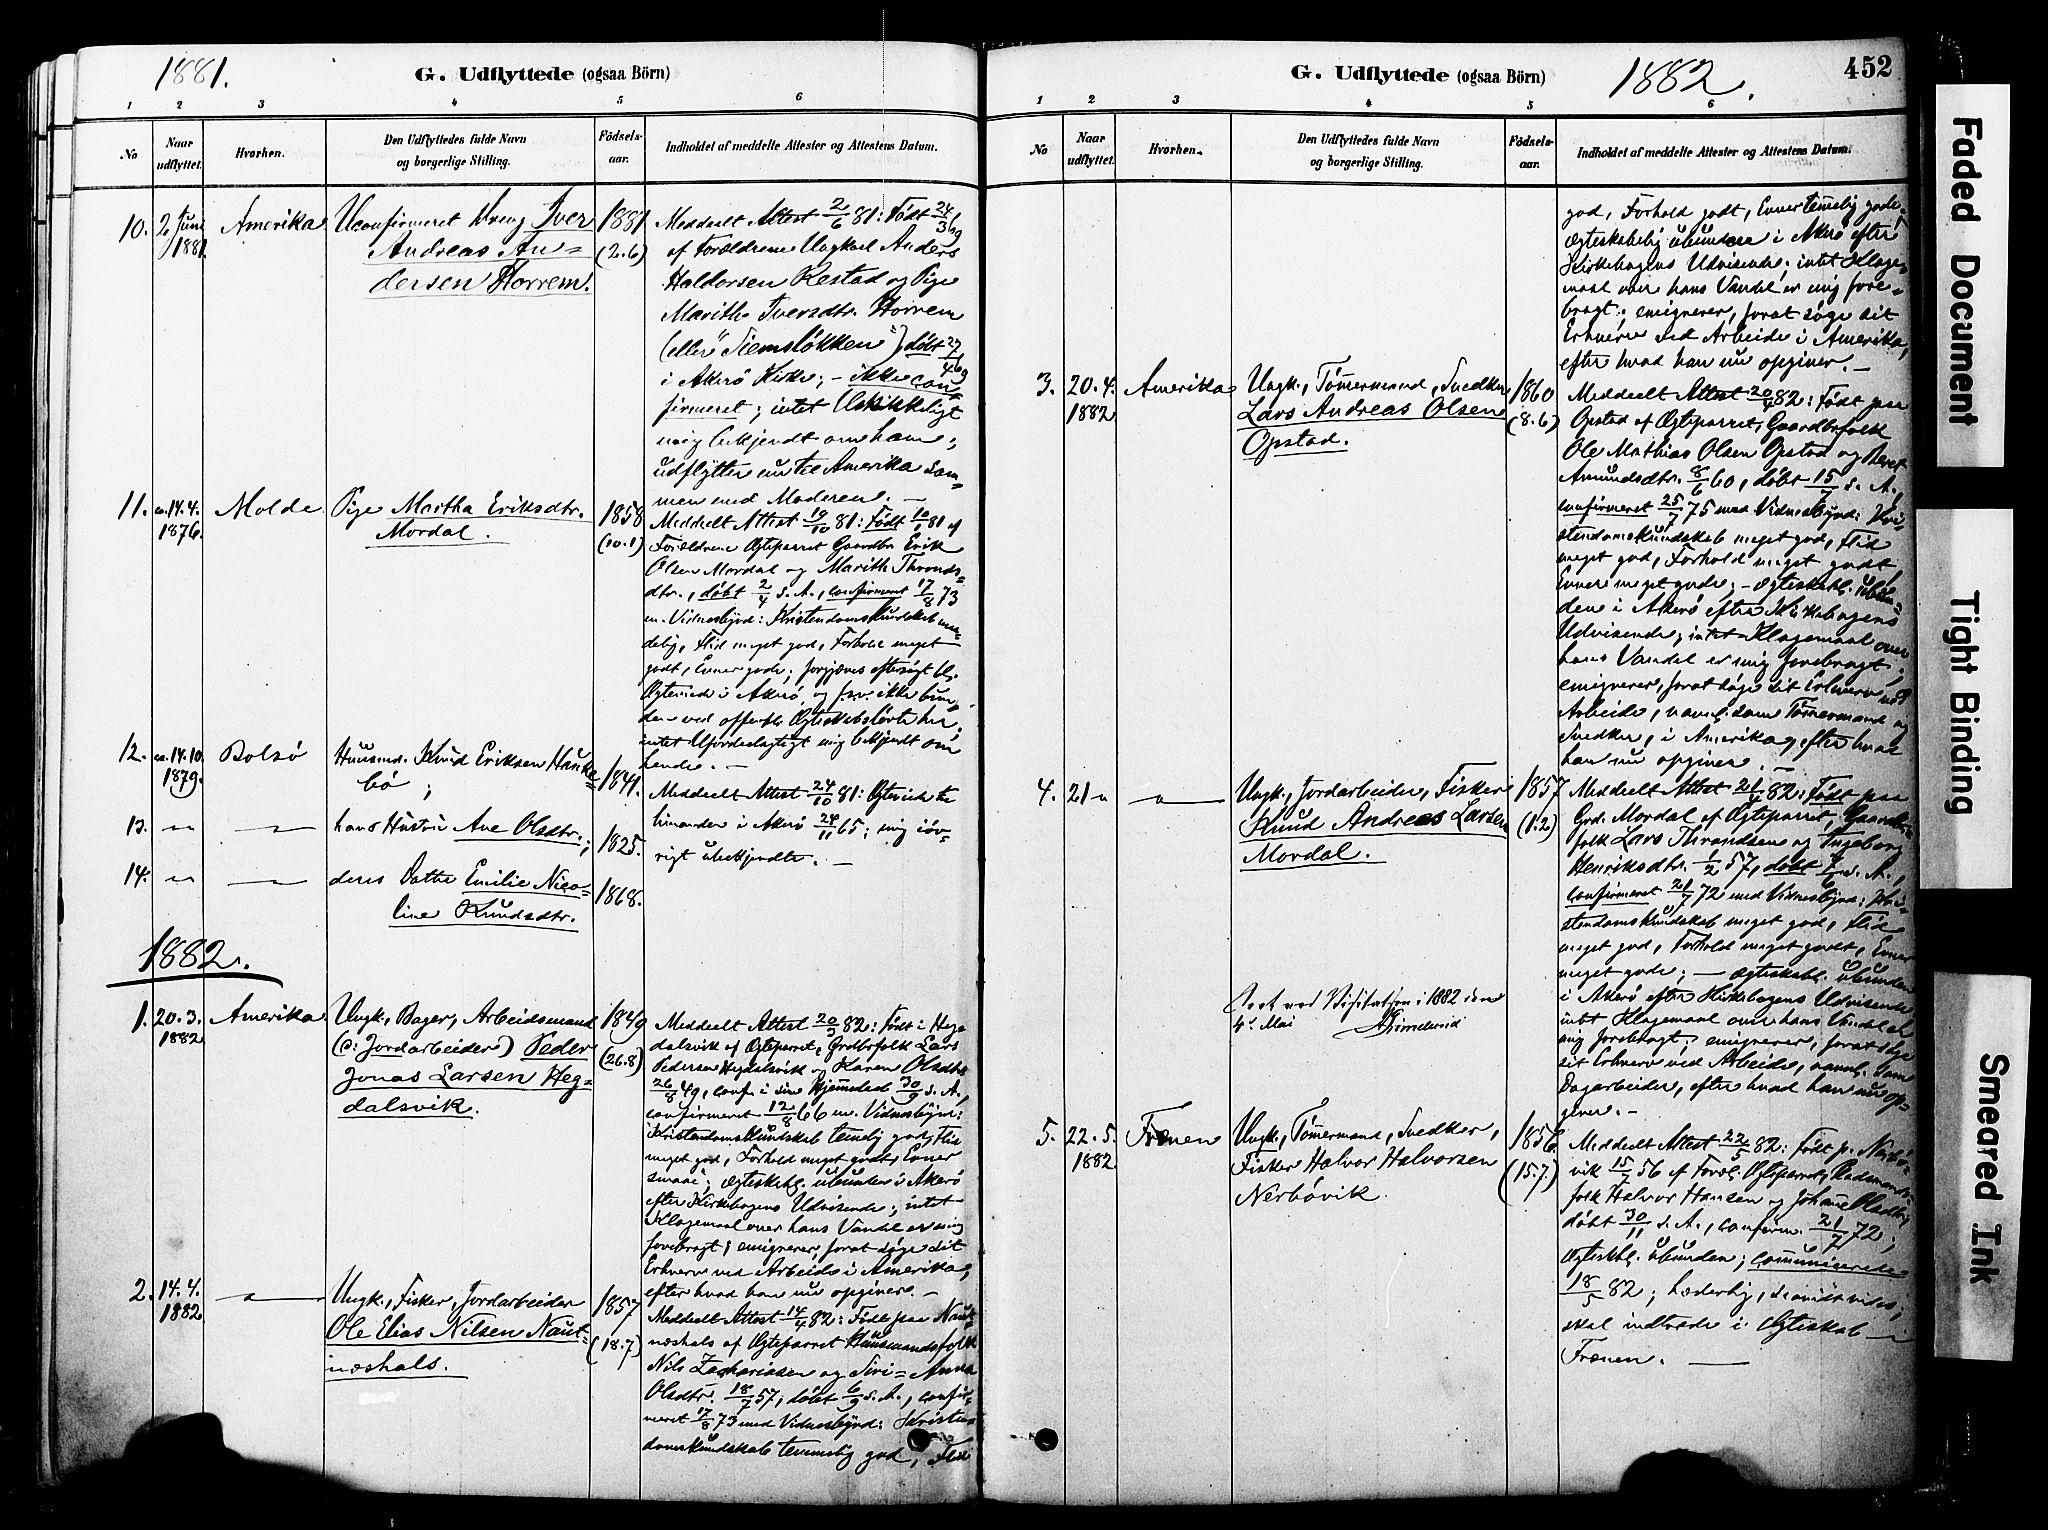 SAT, Ministerialprotokoller, klokkerbøker og fødselsregistre - Møre og Romsdal, 560/L0721: Ministerialbok nr. 560A05, 1878-1917, s. 452